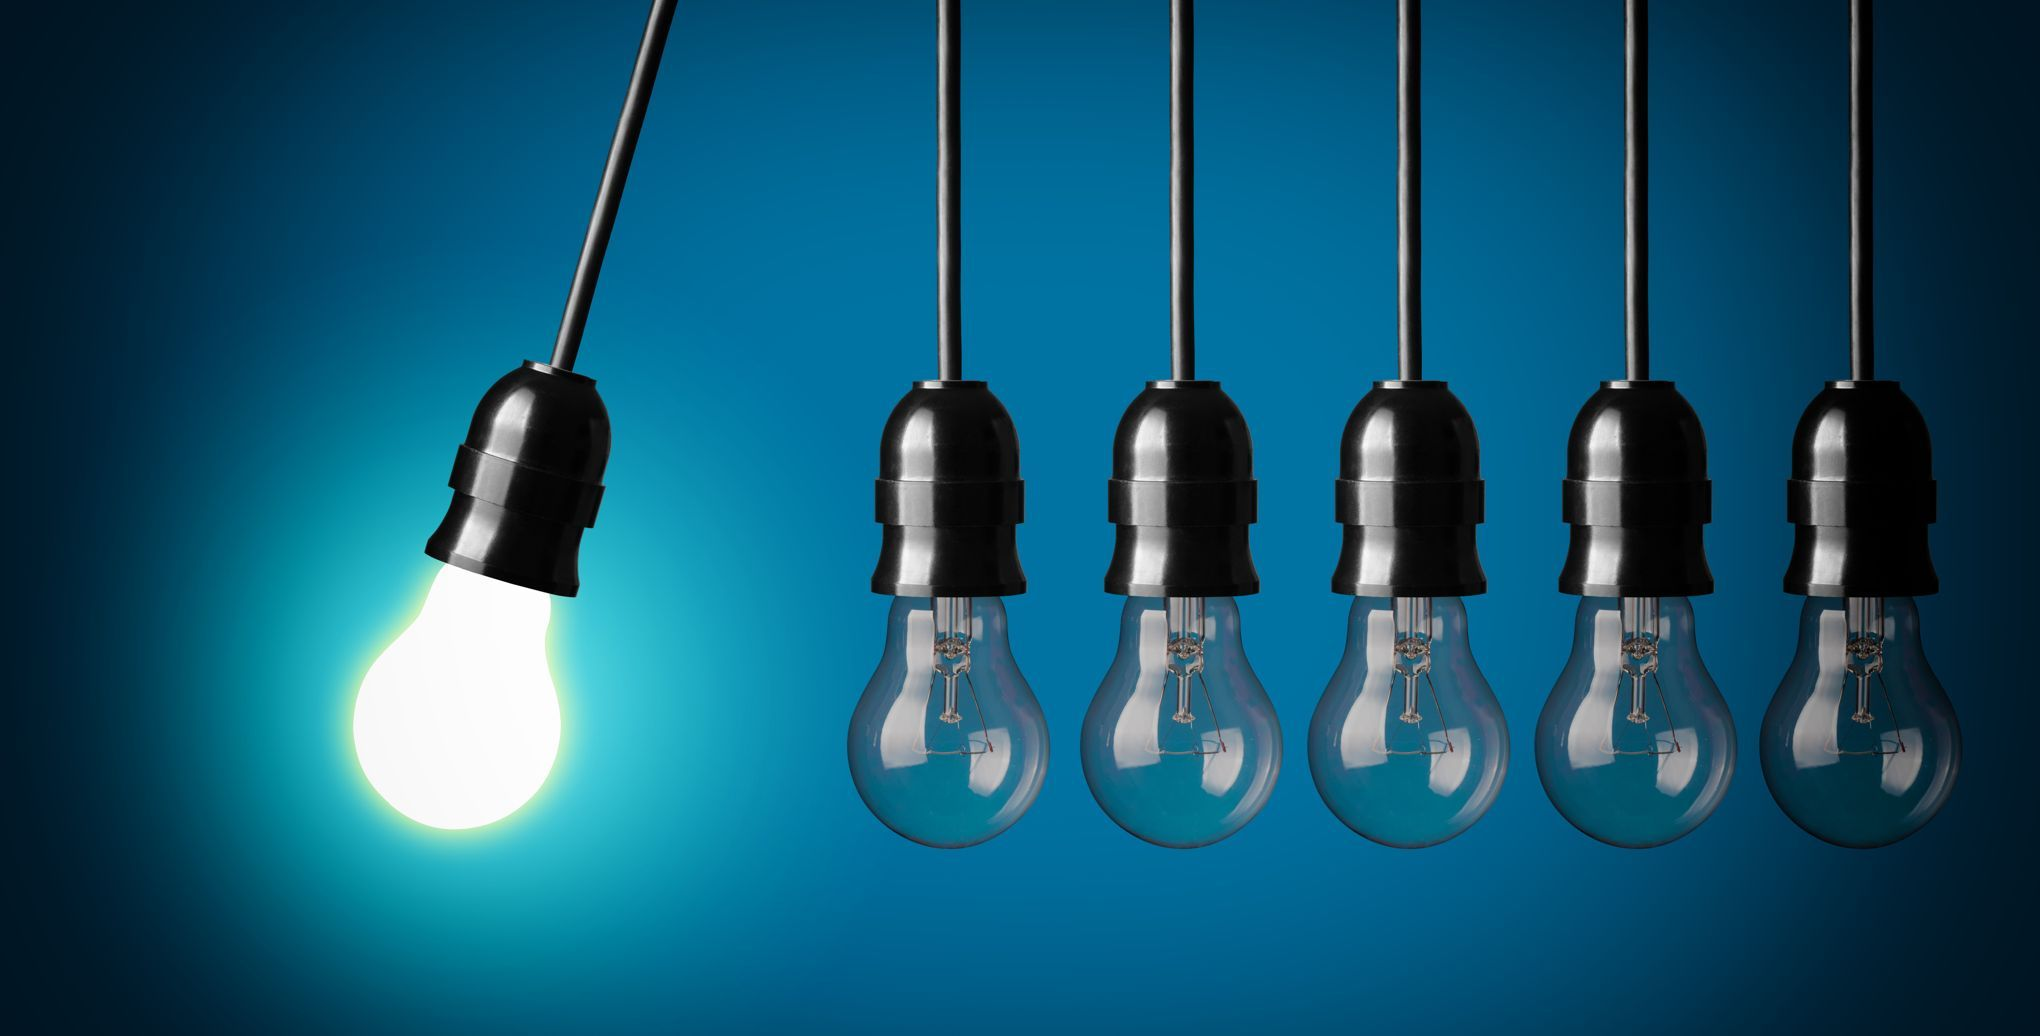 L Intrapreneuriat Peut Il Changer L Entreprise Gestion Entreprise Entreprise Meilleures Astuces